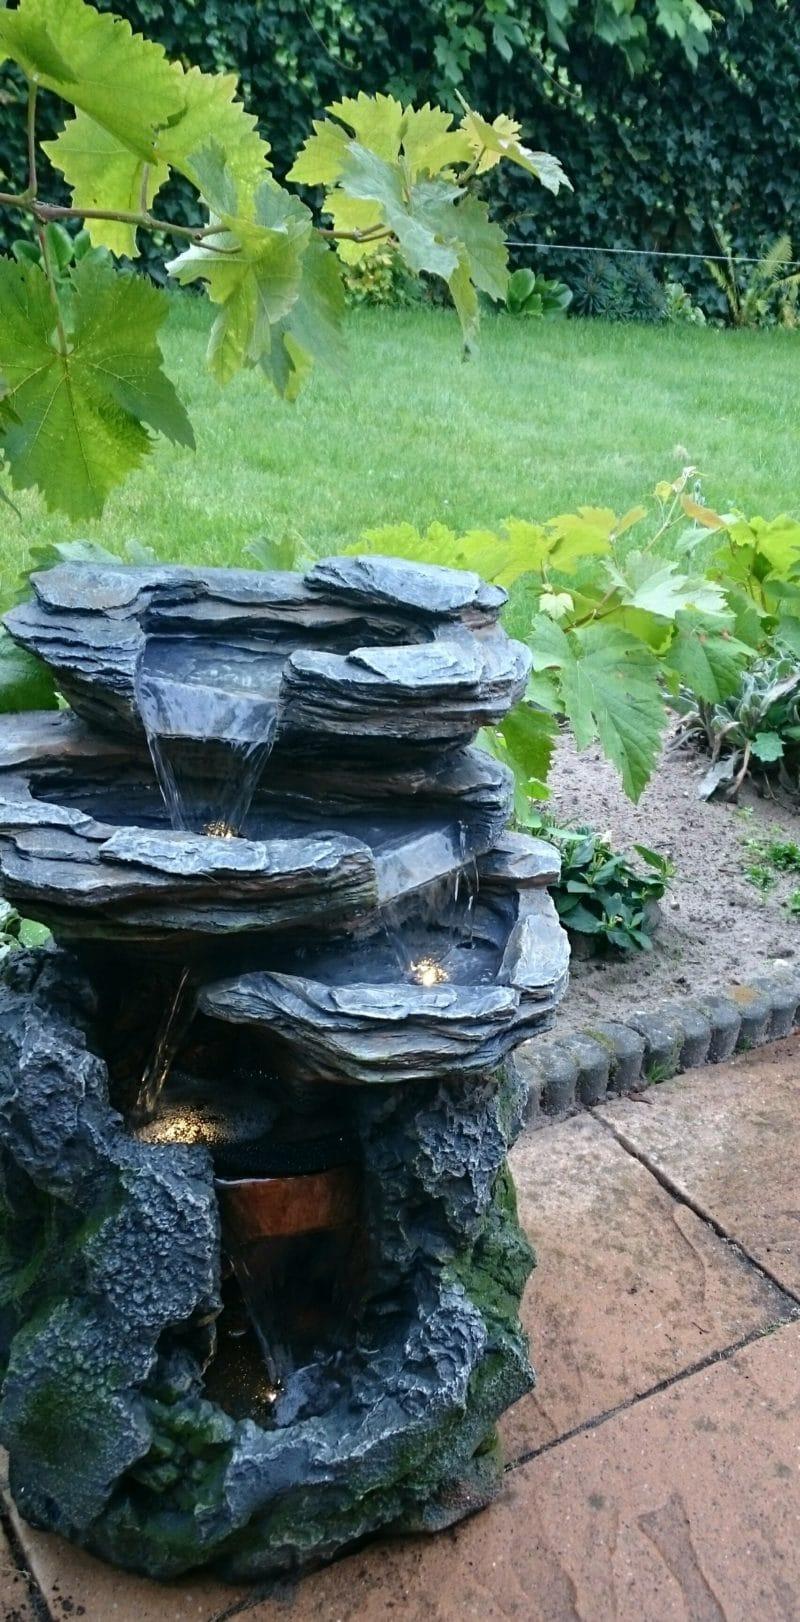 Ongebruikt Fonteinbeeld de aanvulling in je fontein tuin   GerichteKeuze UU-39